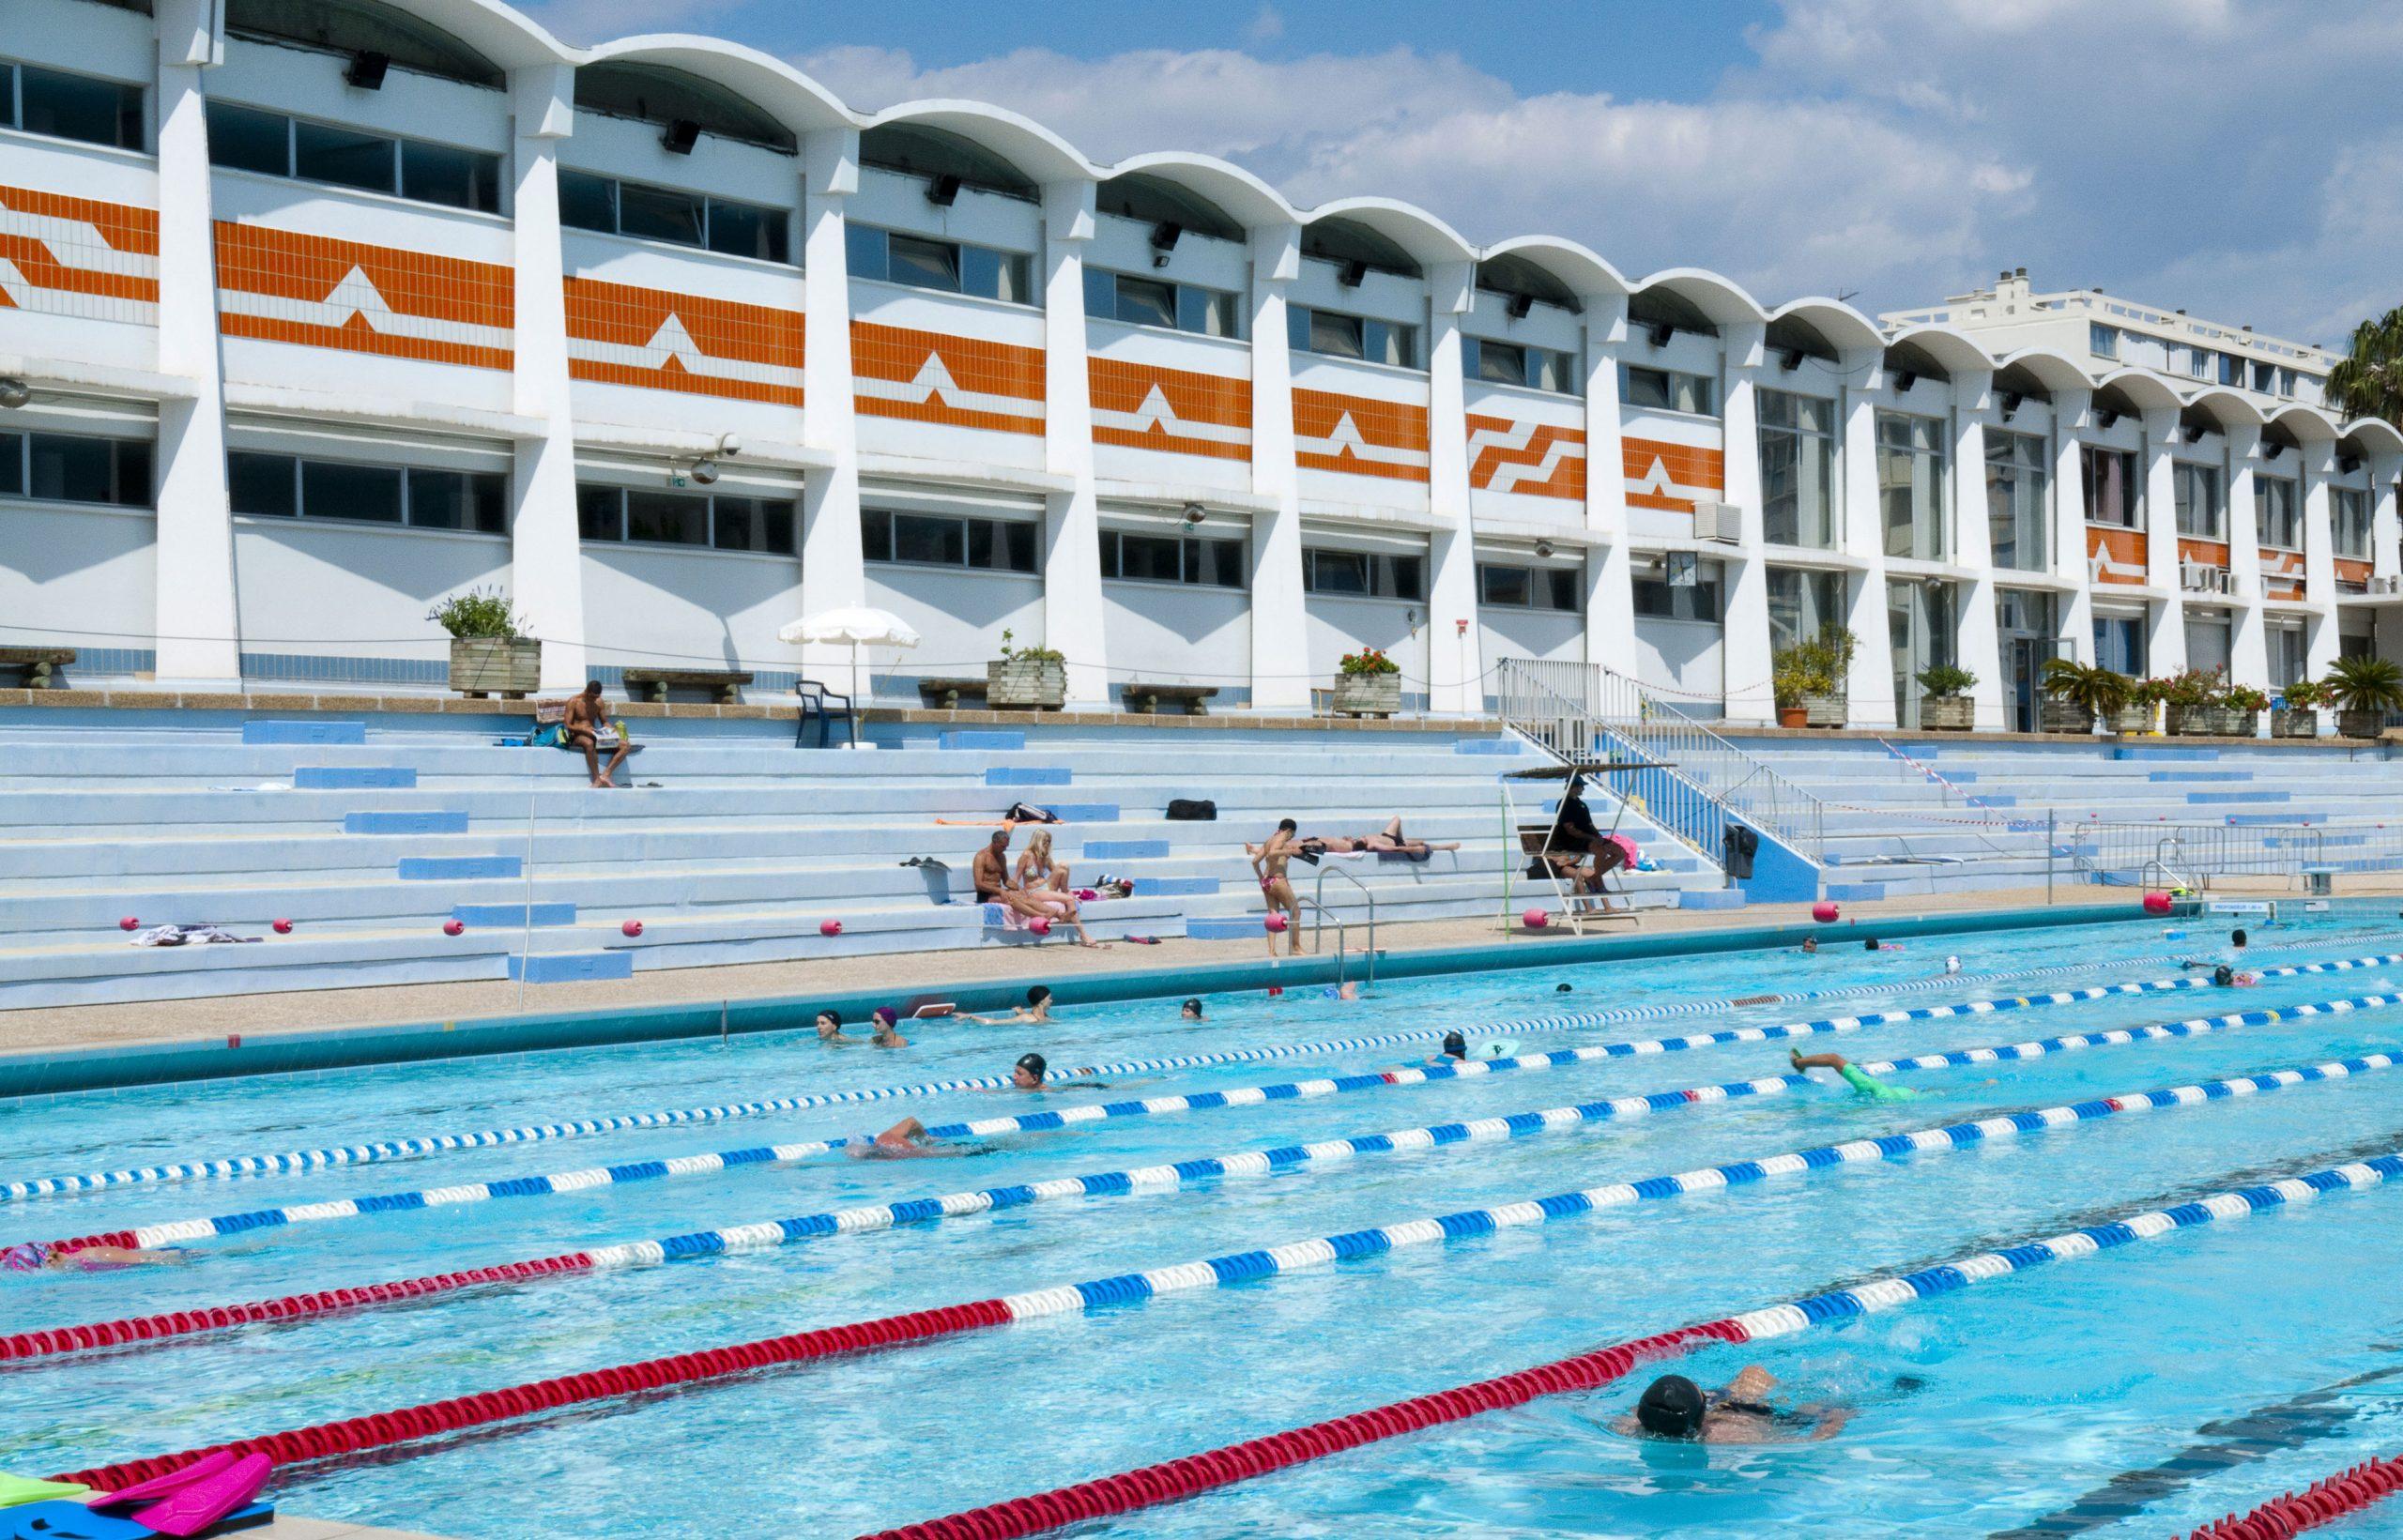 Tourisme : Un Week-End Déco-Design À Toulon… - Page 3 Of 3 ... avec Piscine Port Marchand